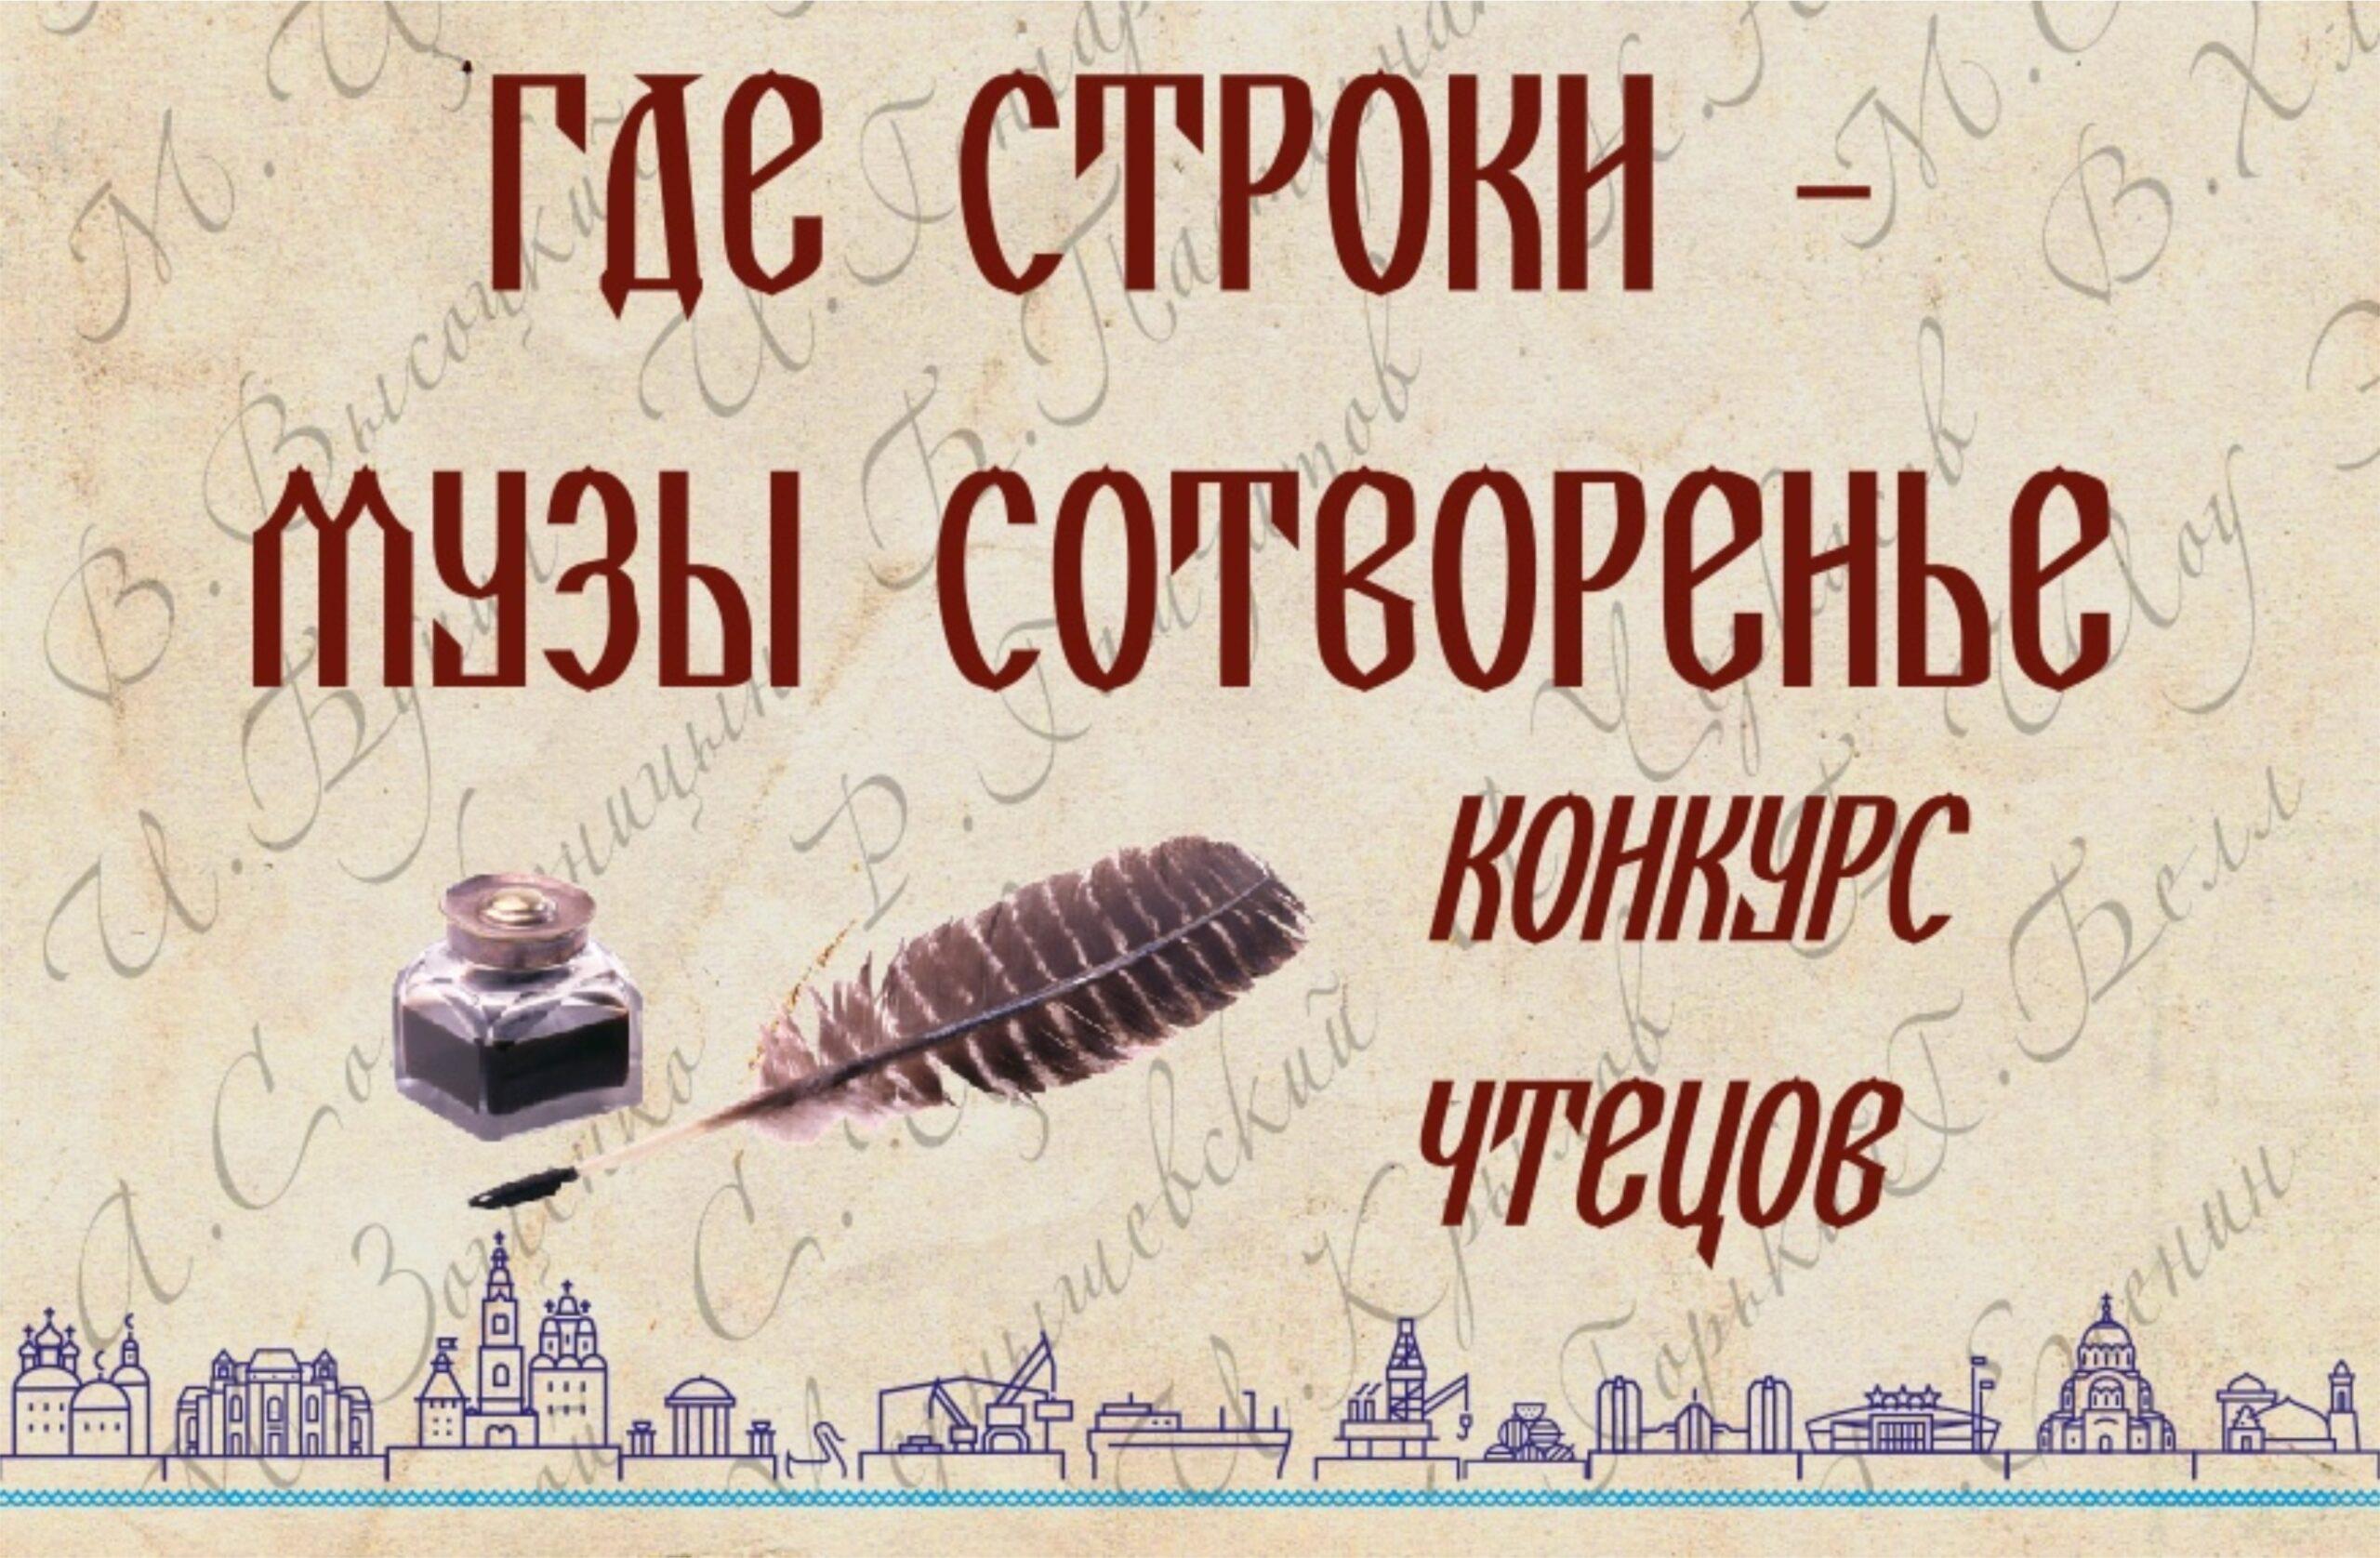 В Астрахани начался приём заявок на конкурс чтецов «Где строки – музы сотворенье»